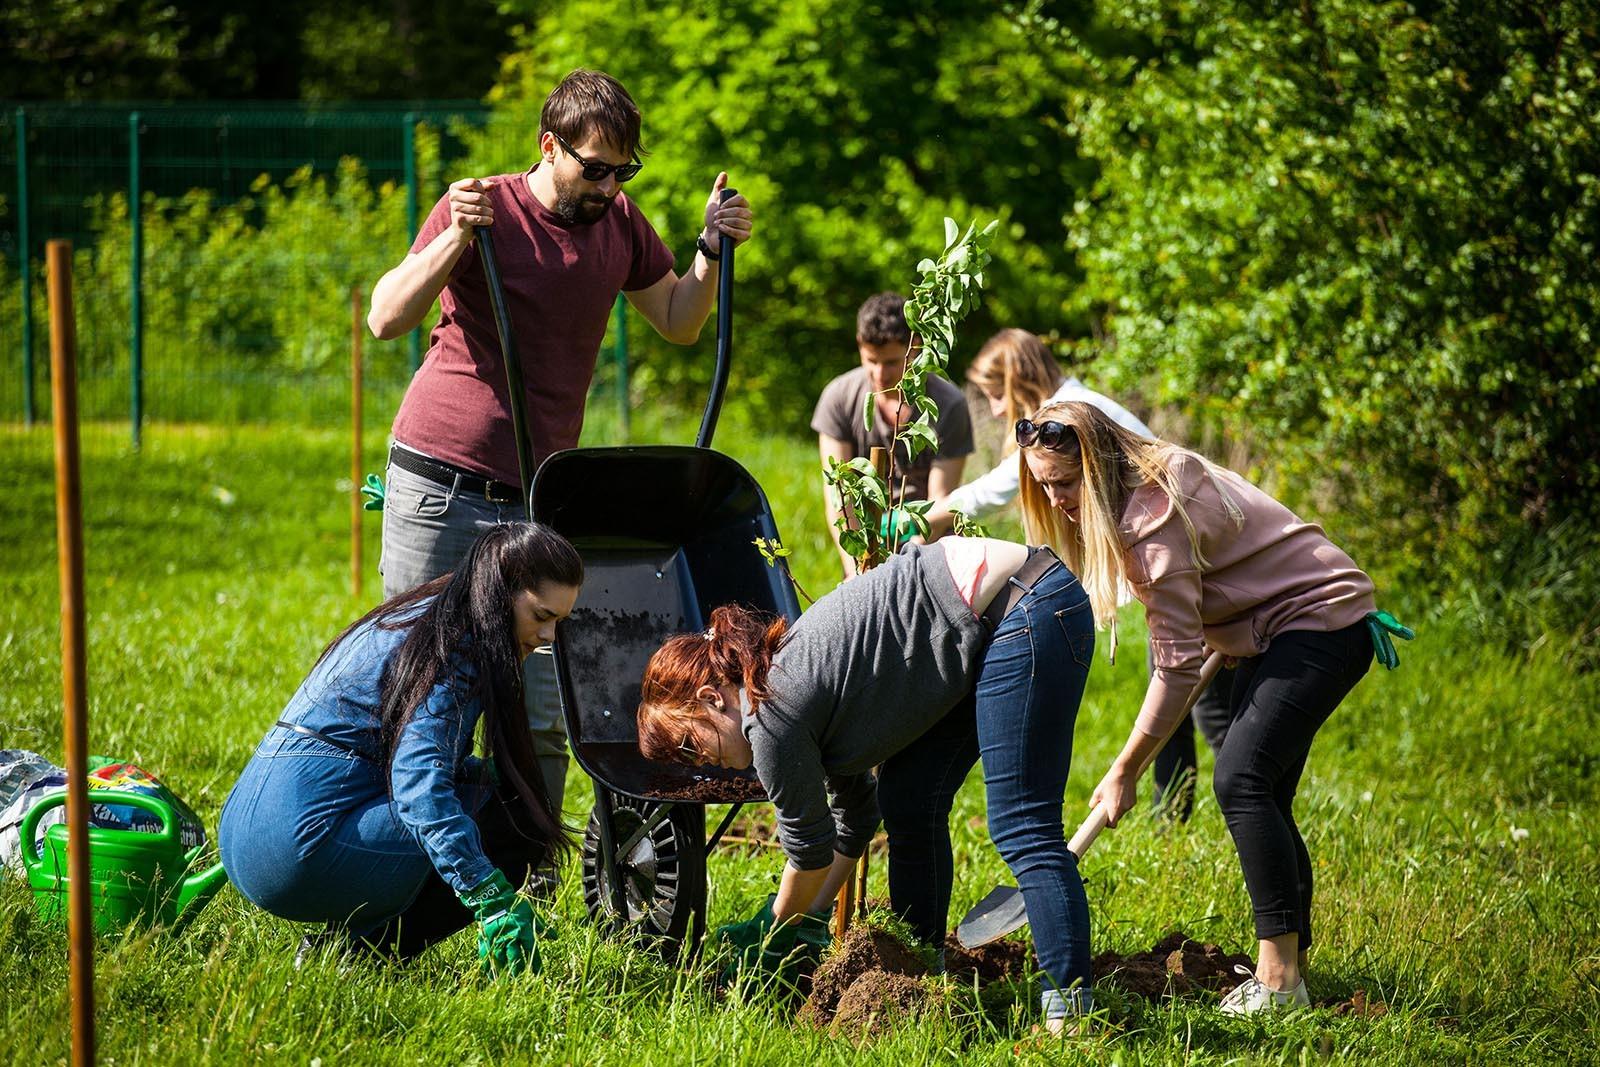 Vsichni pracuji na vykopani diry kam se zasadi ovocny strom v programu Tree Mend Us